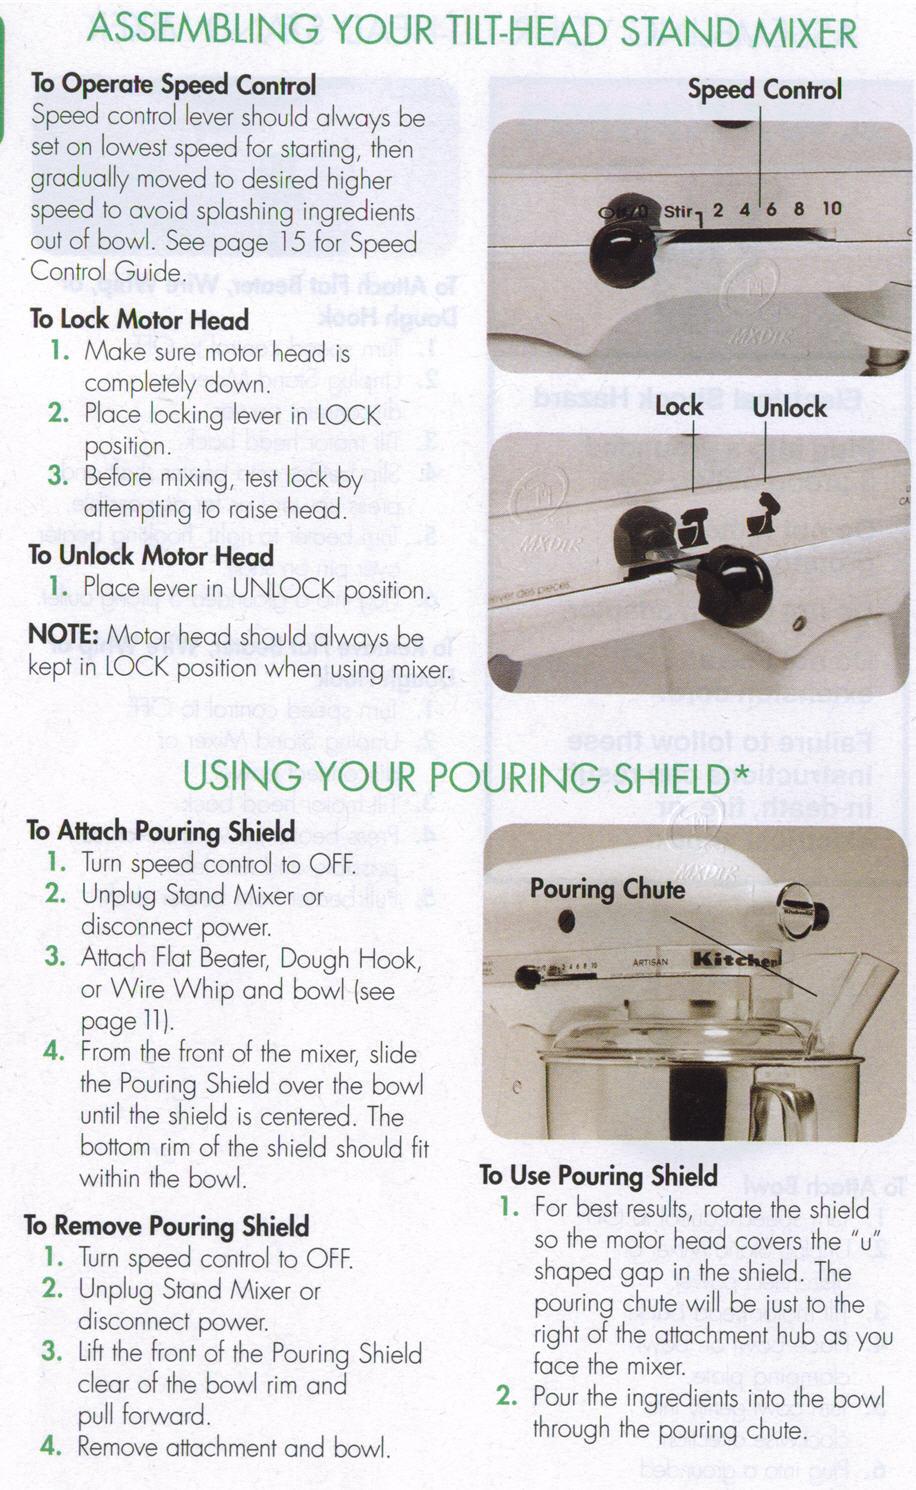 kitchen aid k5ss backsplash home depot food processor and hand blender 2014, manual for ...